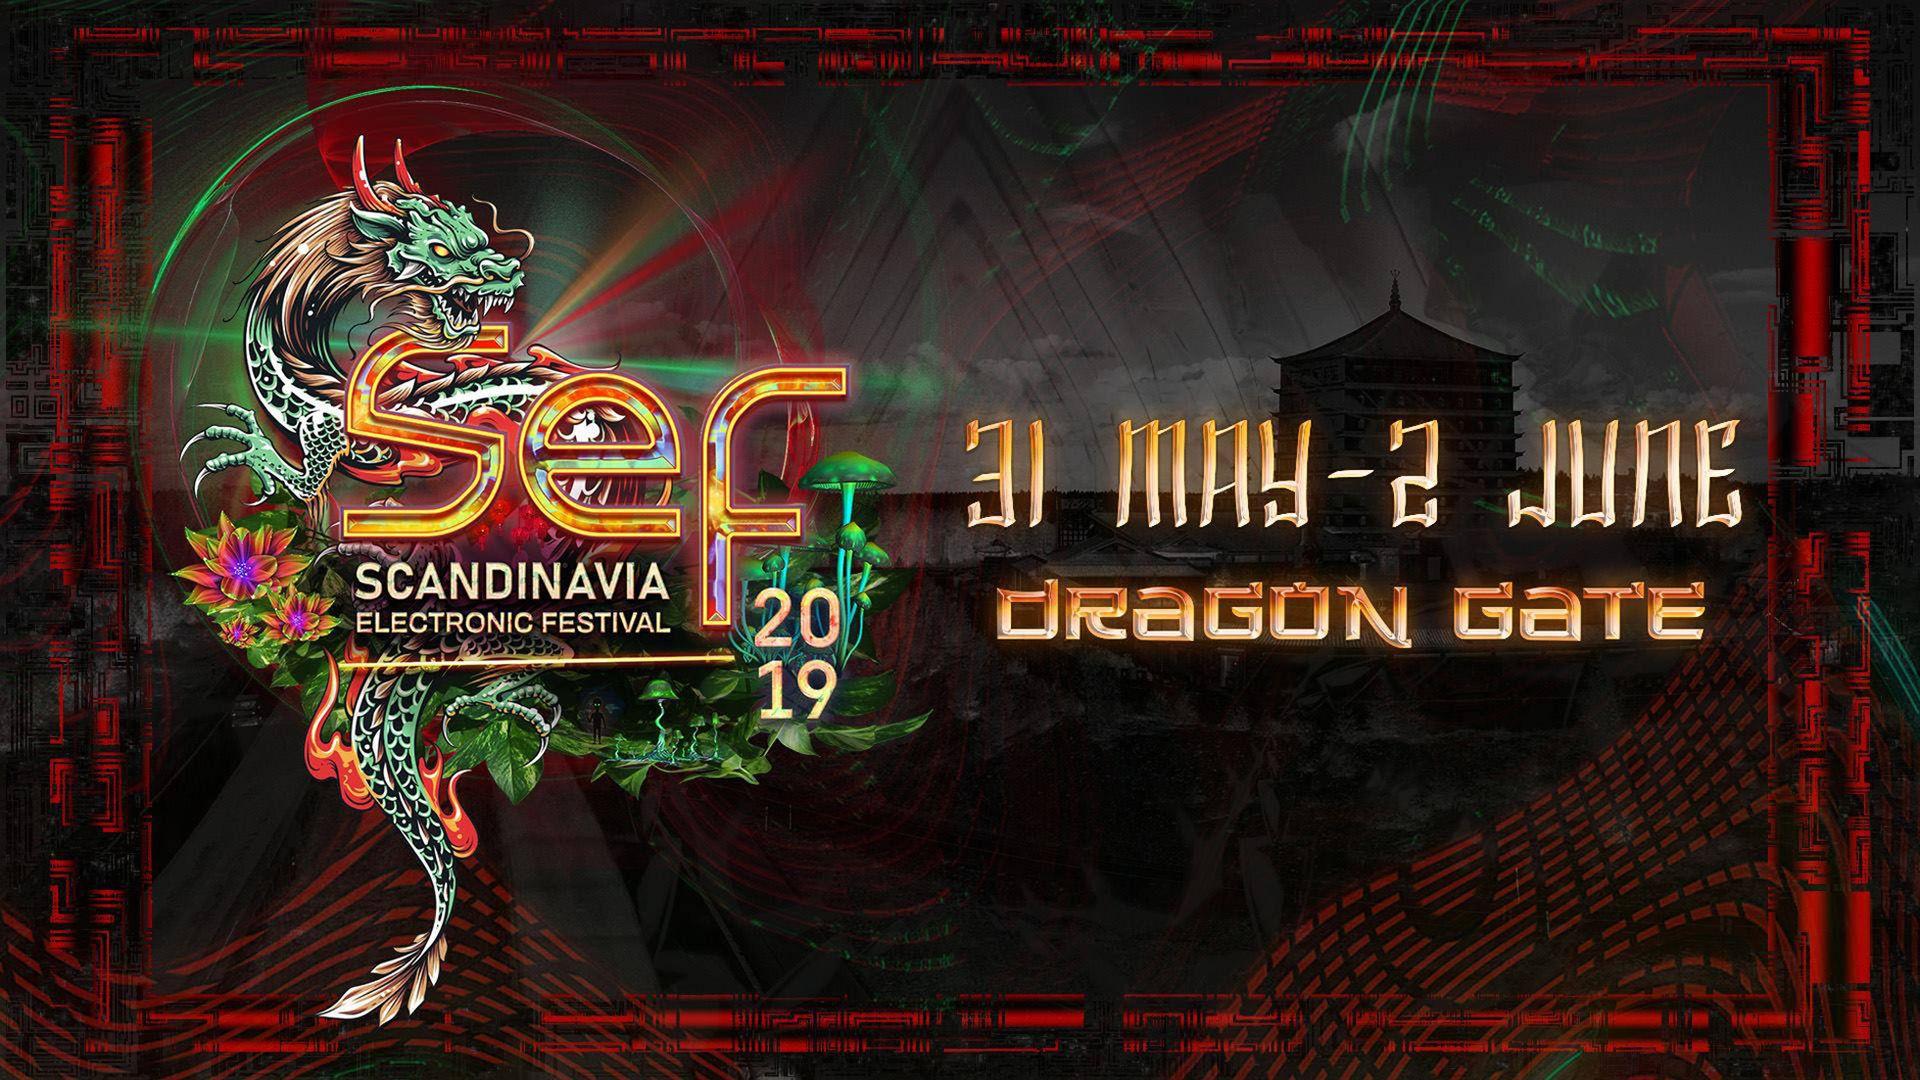 Elektronisk musikfestival på Dragon Gate